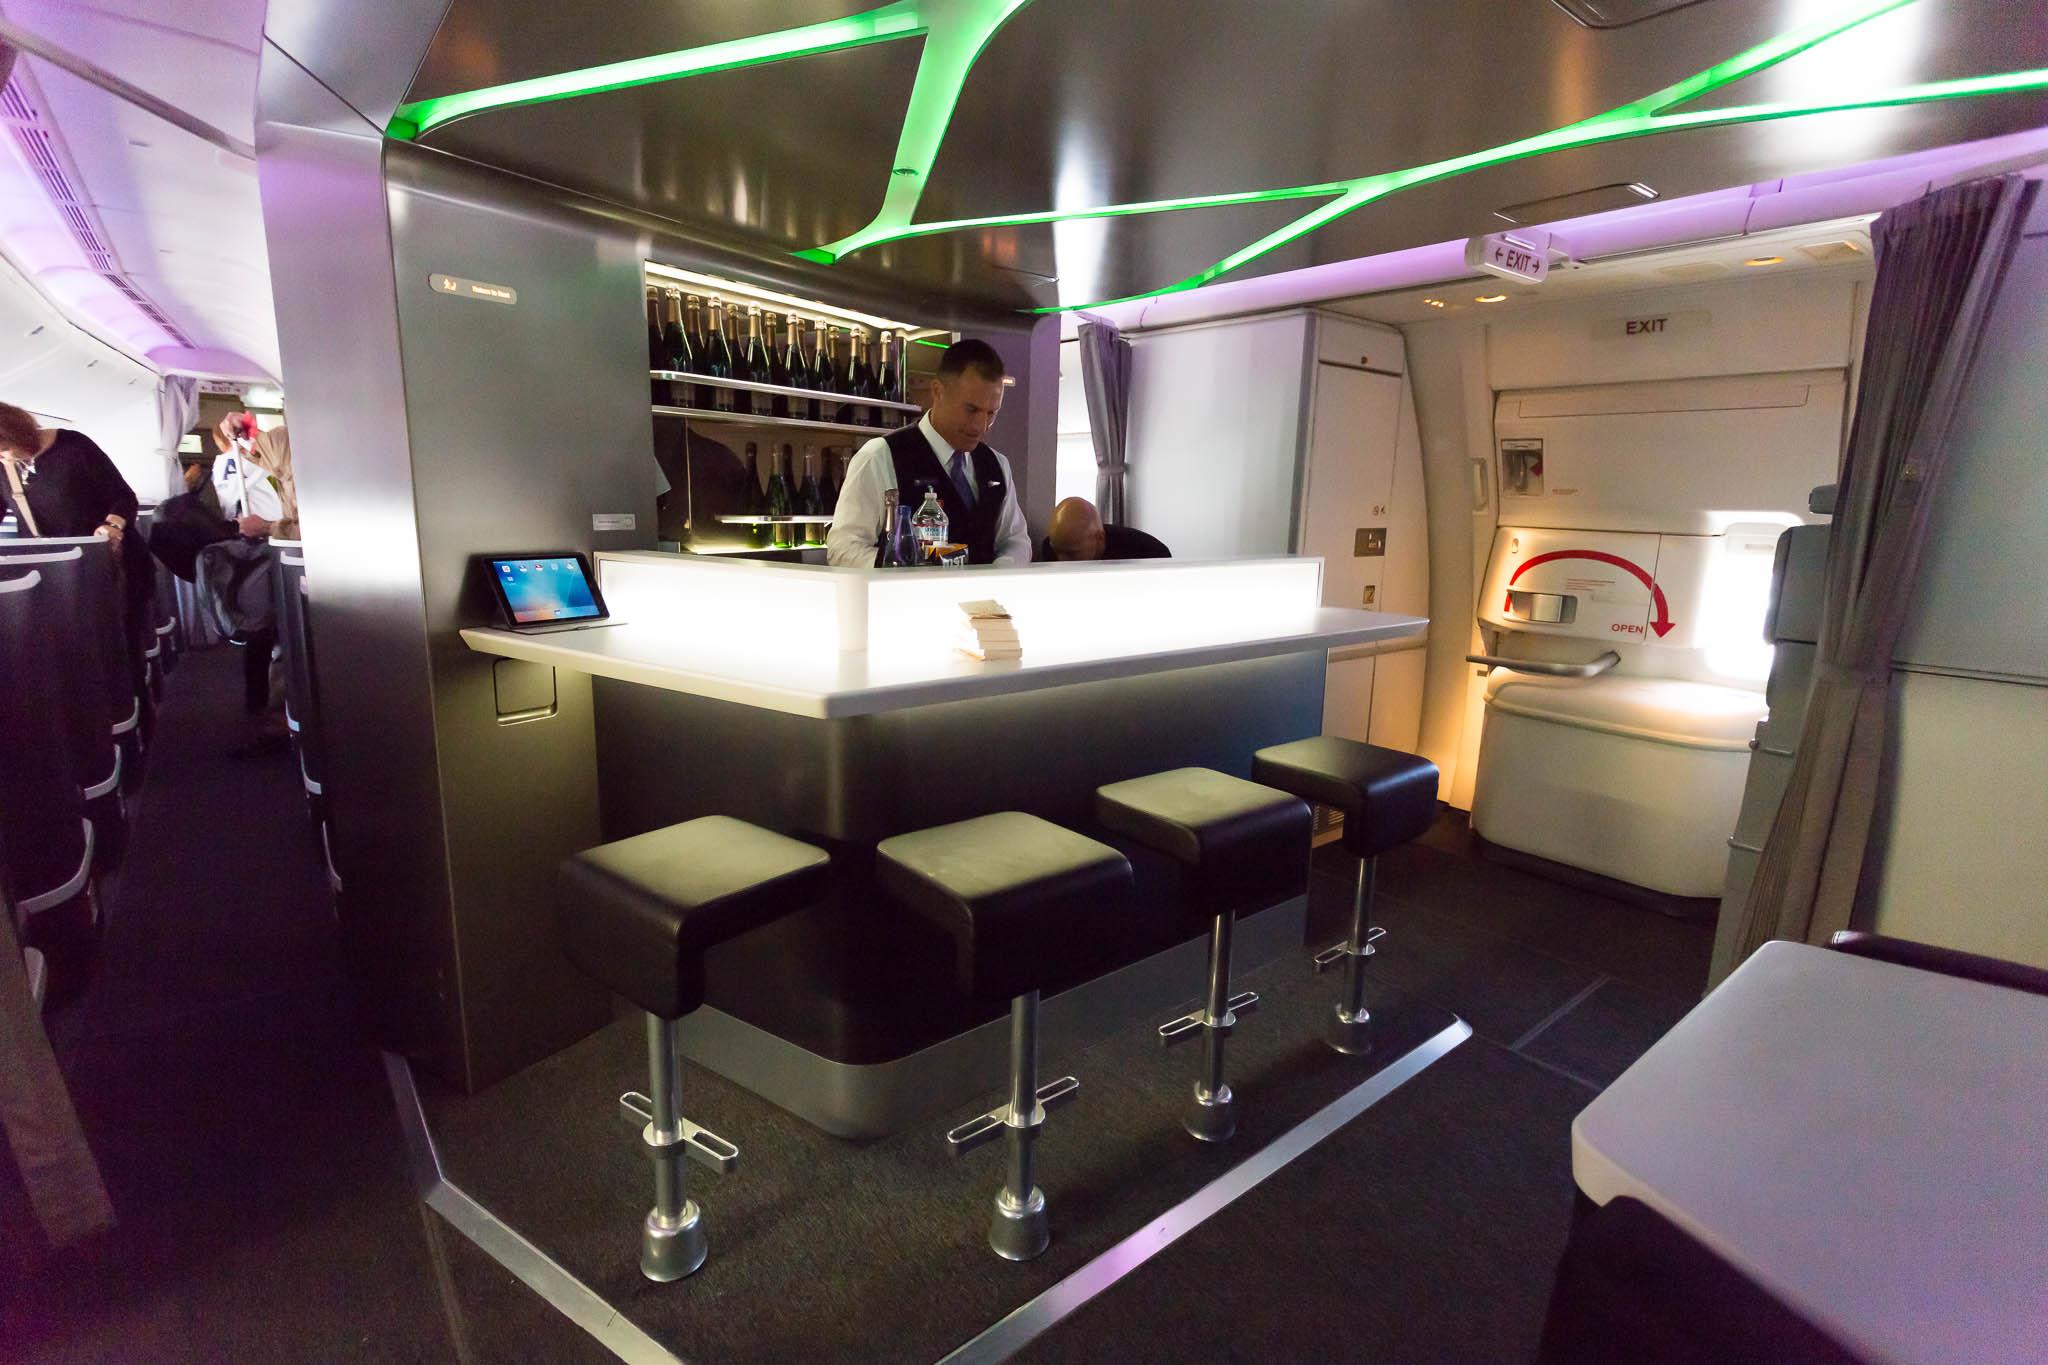 Virgin Australia 777 Business Class Bar